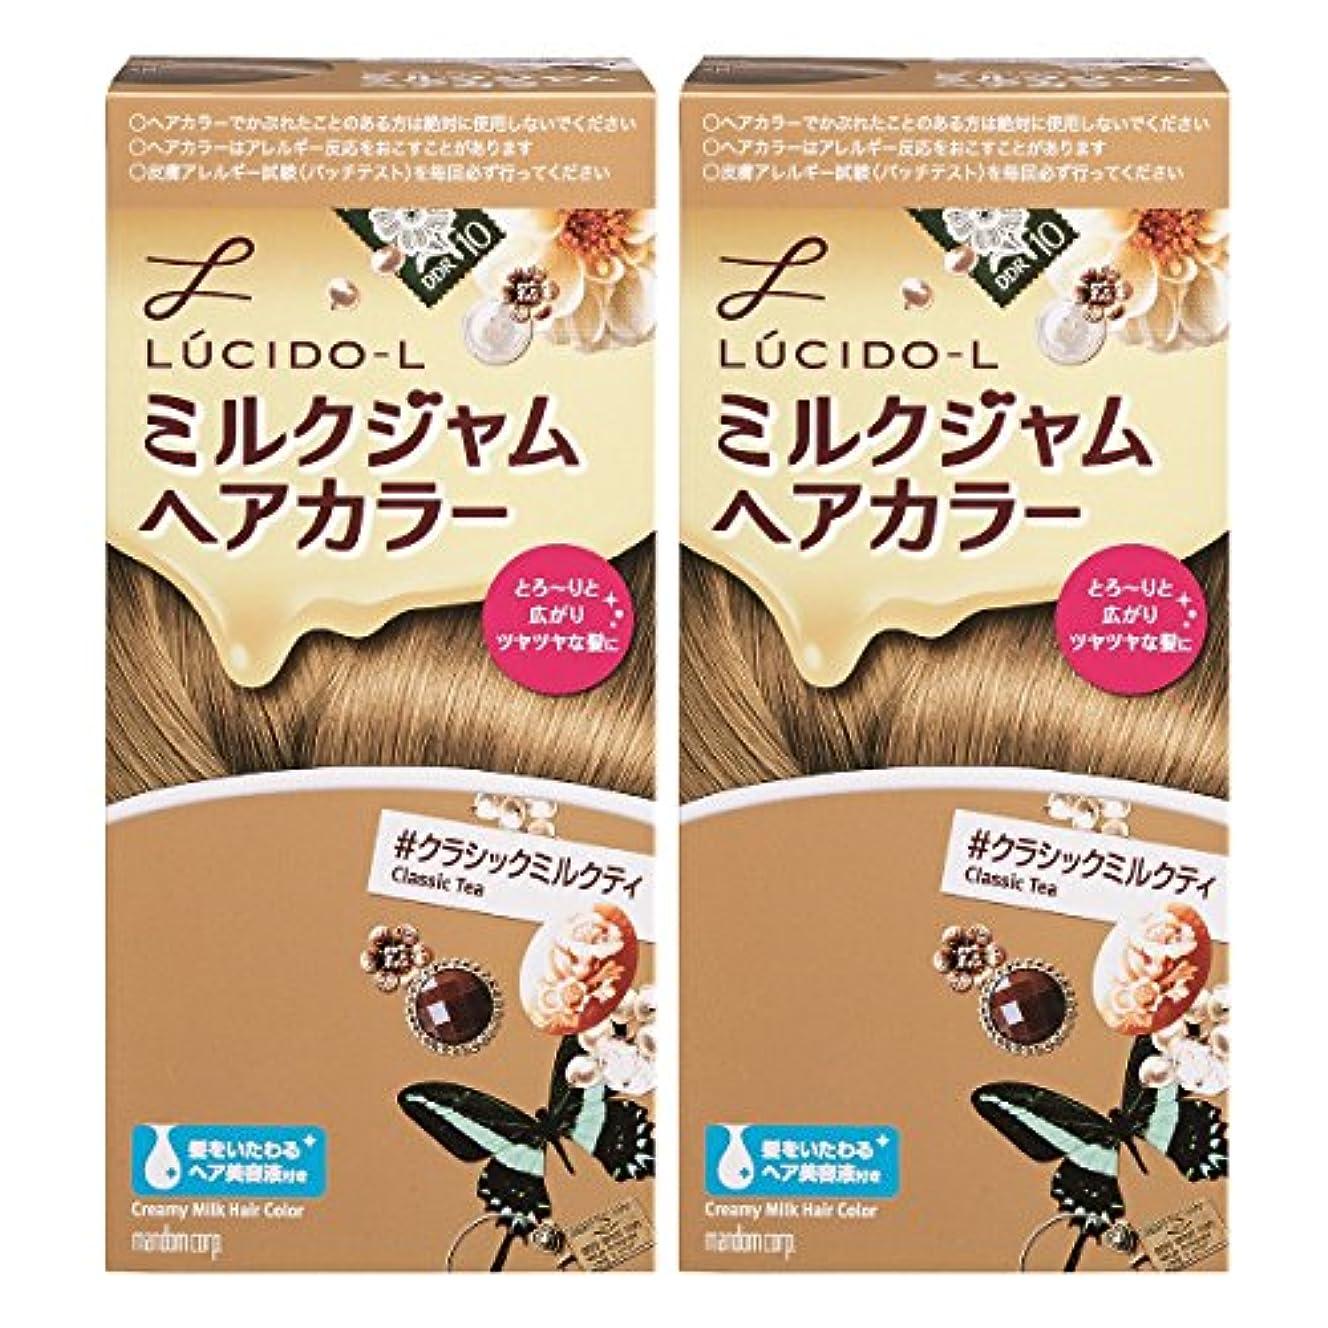 ピース罰するクローゼット【まとめ買い】LUCIDO-L (ルシードエル) ミルクジャムヘアカラー #クラシックミルクティ×2個パック(医薬部外品)